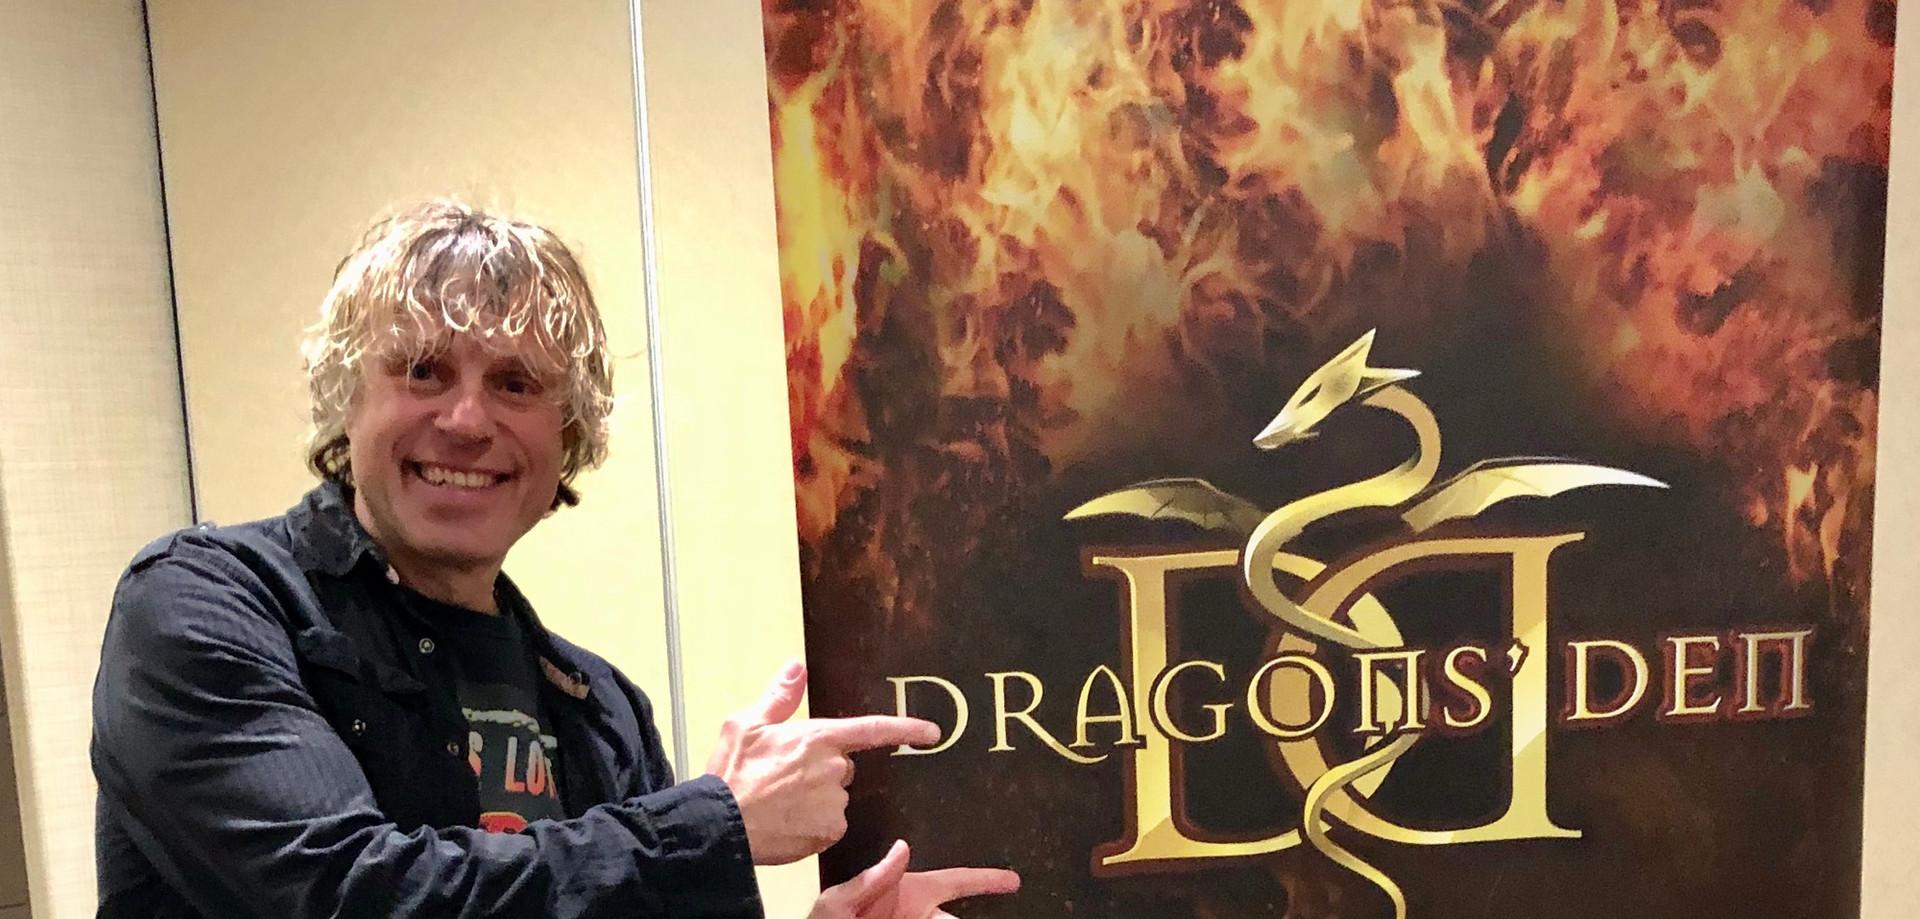 Dragon's Den Audition.jpg